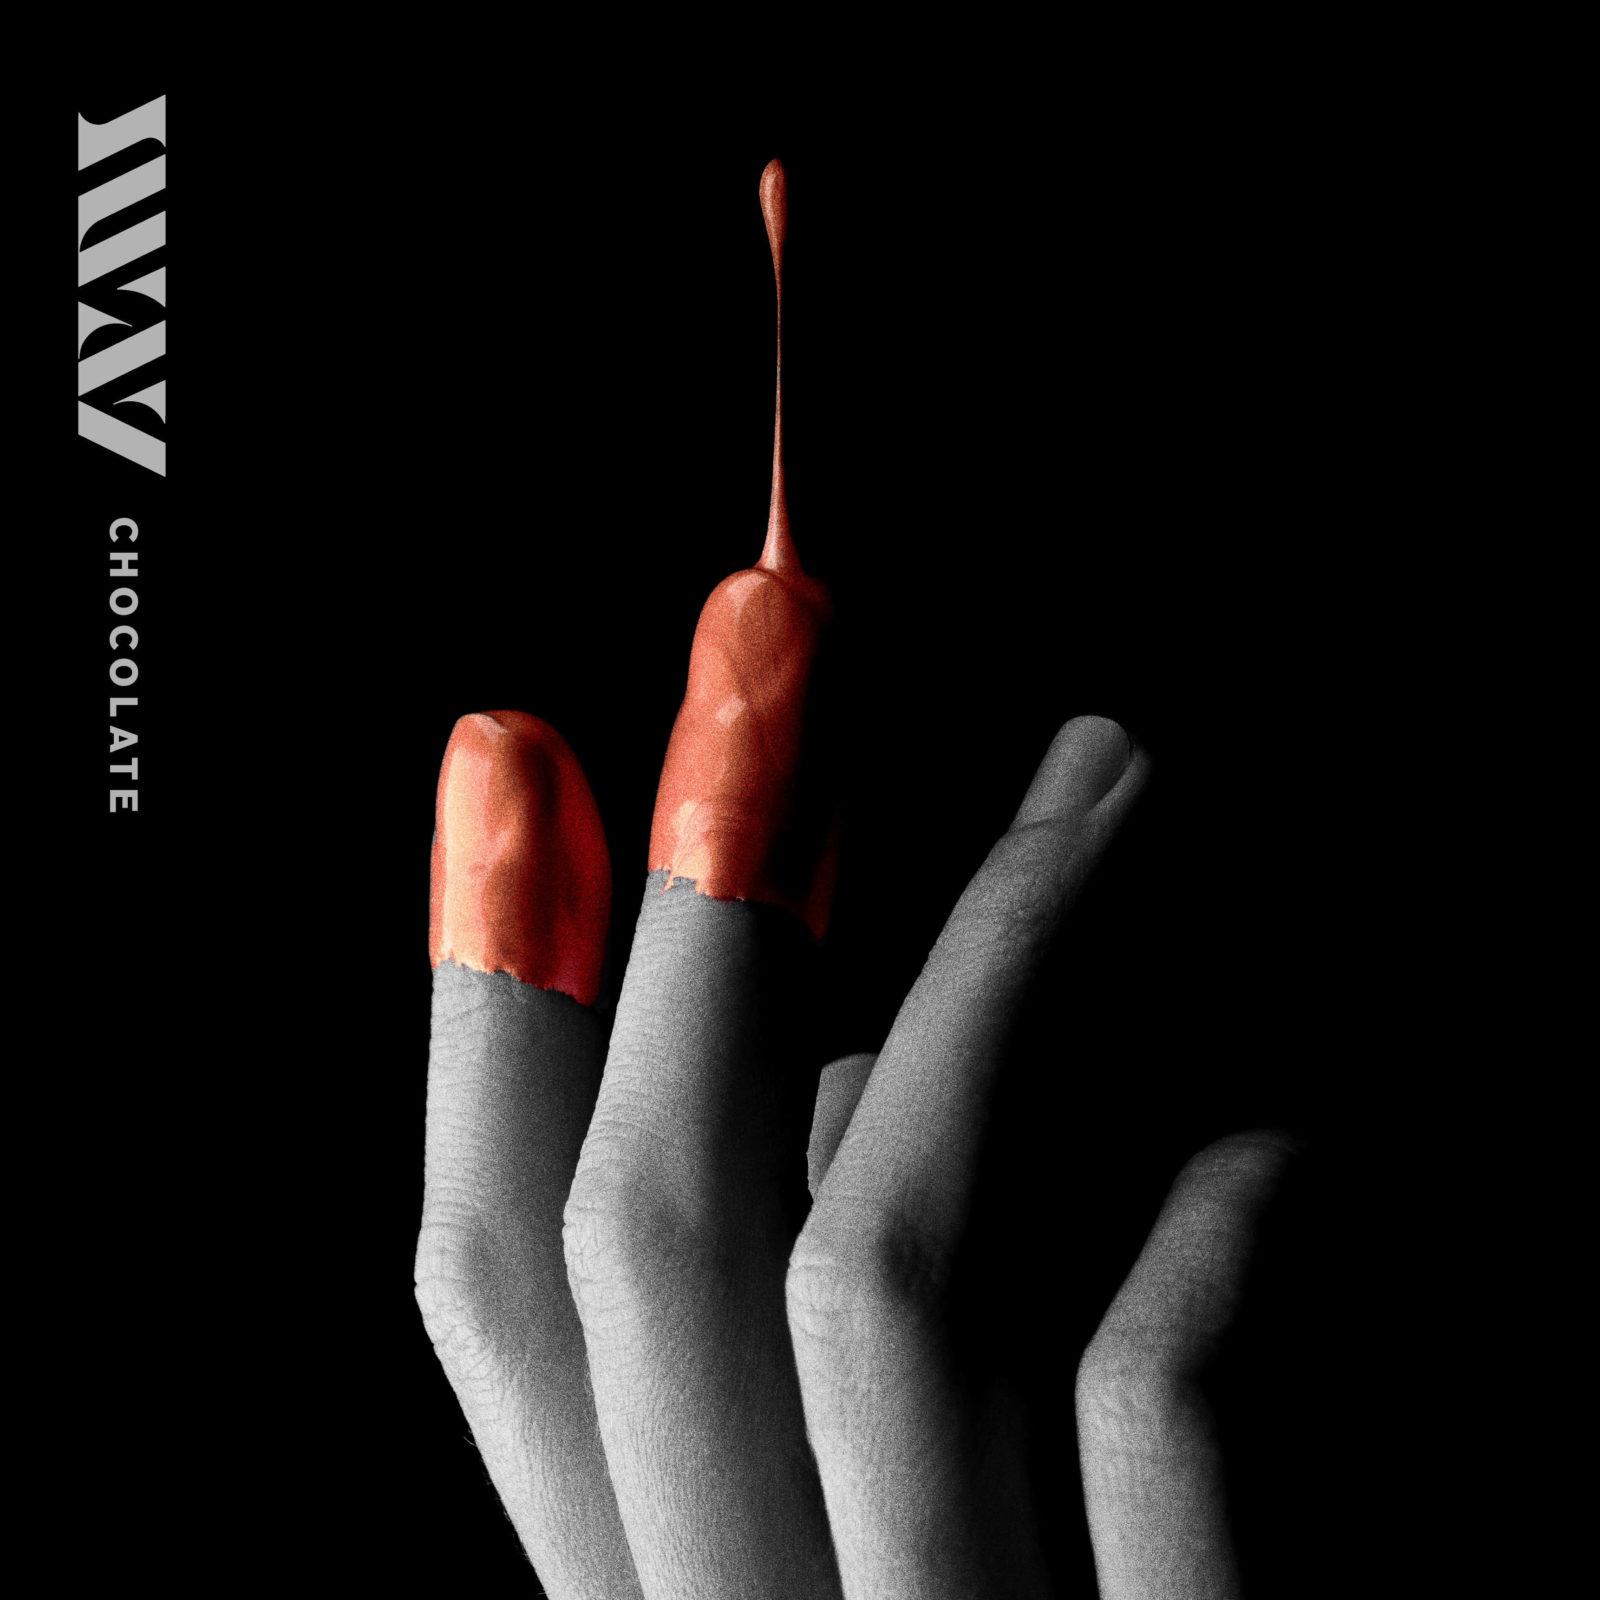 SWAY、2月14日配信バレンタイン・シングル「チョコレート」のMVが話題サムネイル画像